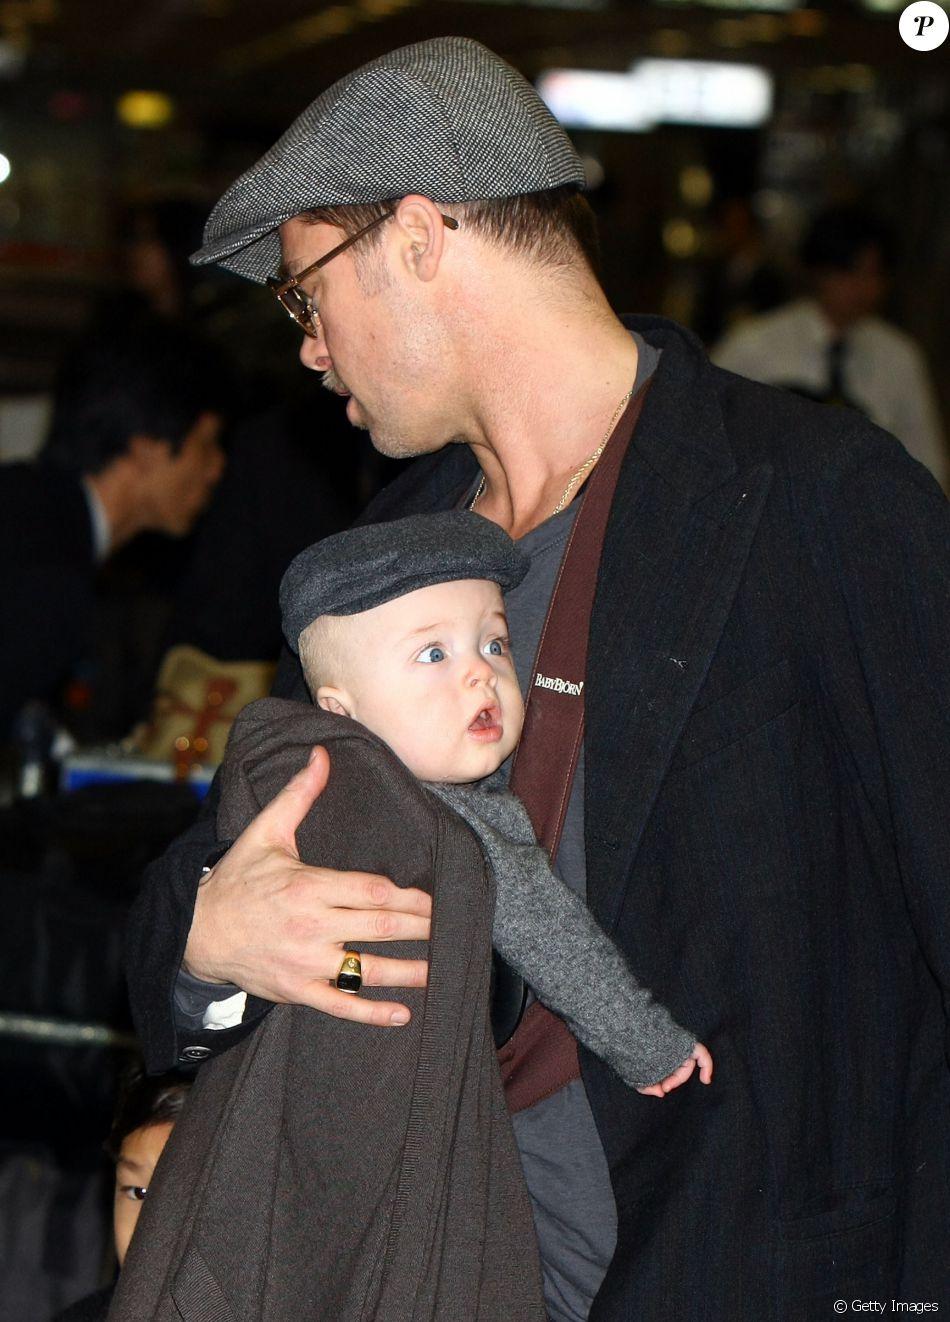 Brad Pitt estaria sendo investigado por abusar de seus filhos. A informação foi publicada no site 'TMZ' nesta quinta-feira, 22 de setembro de 2016